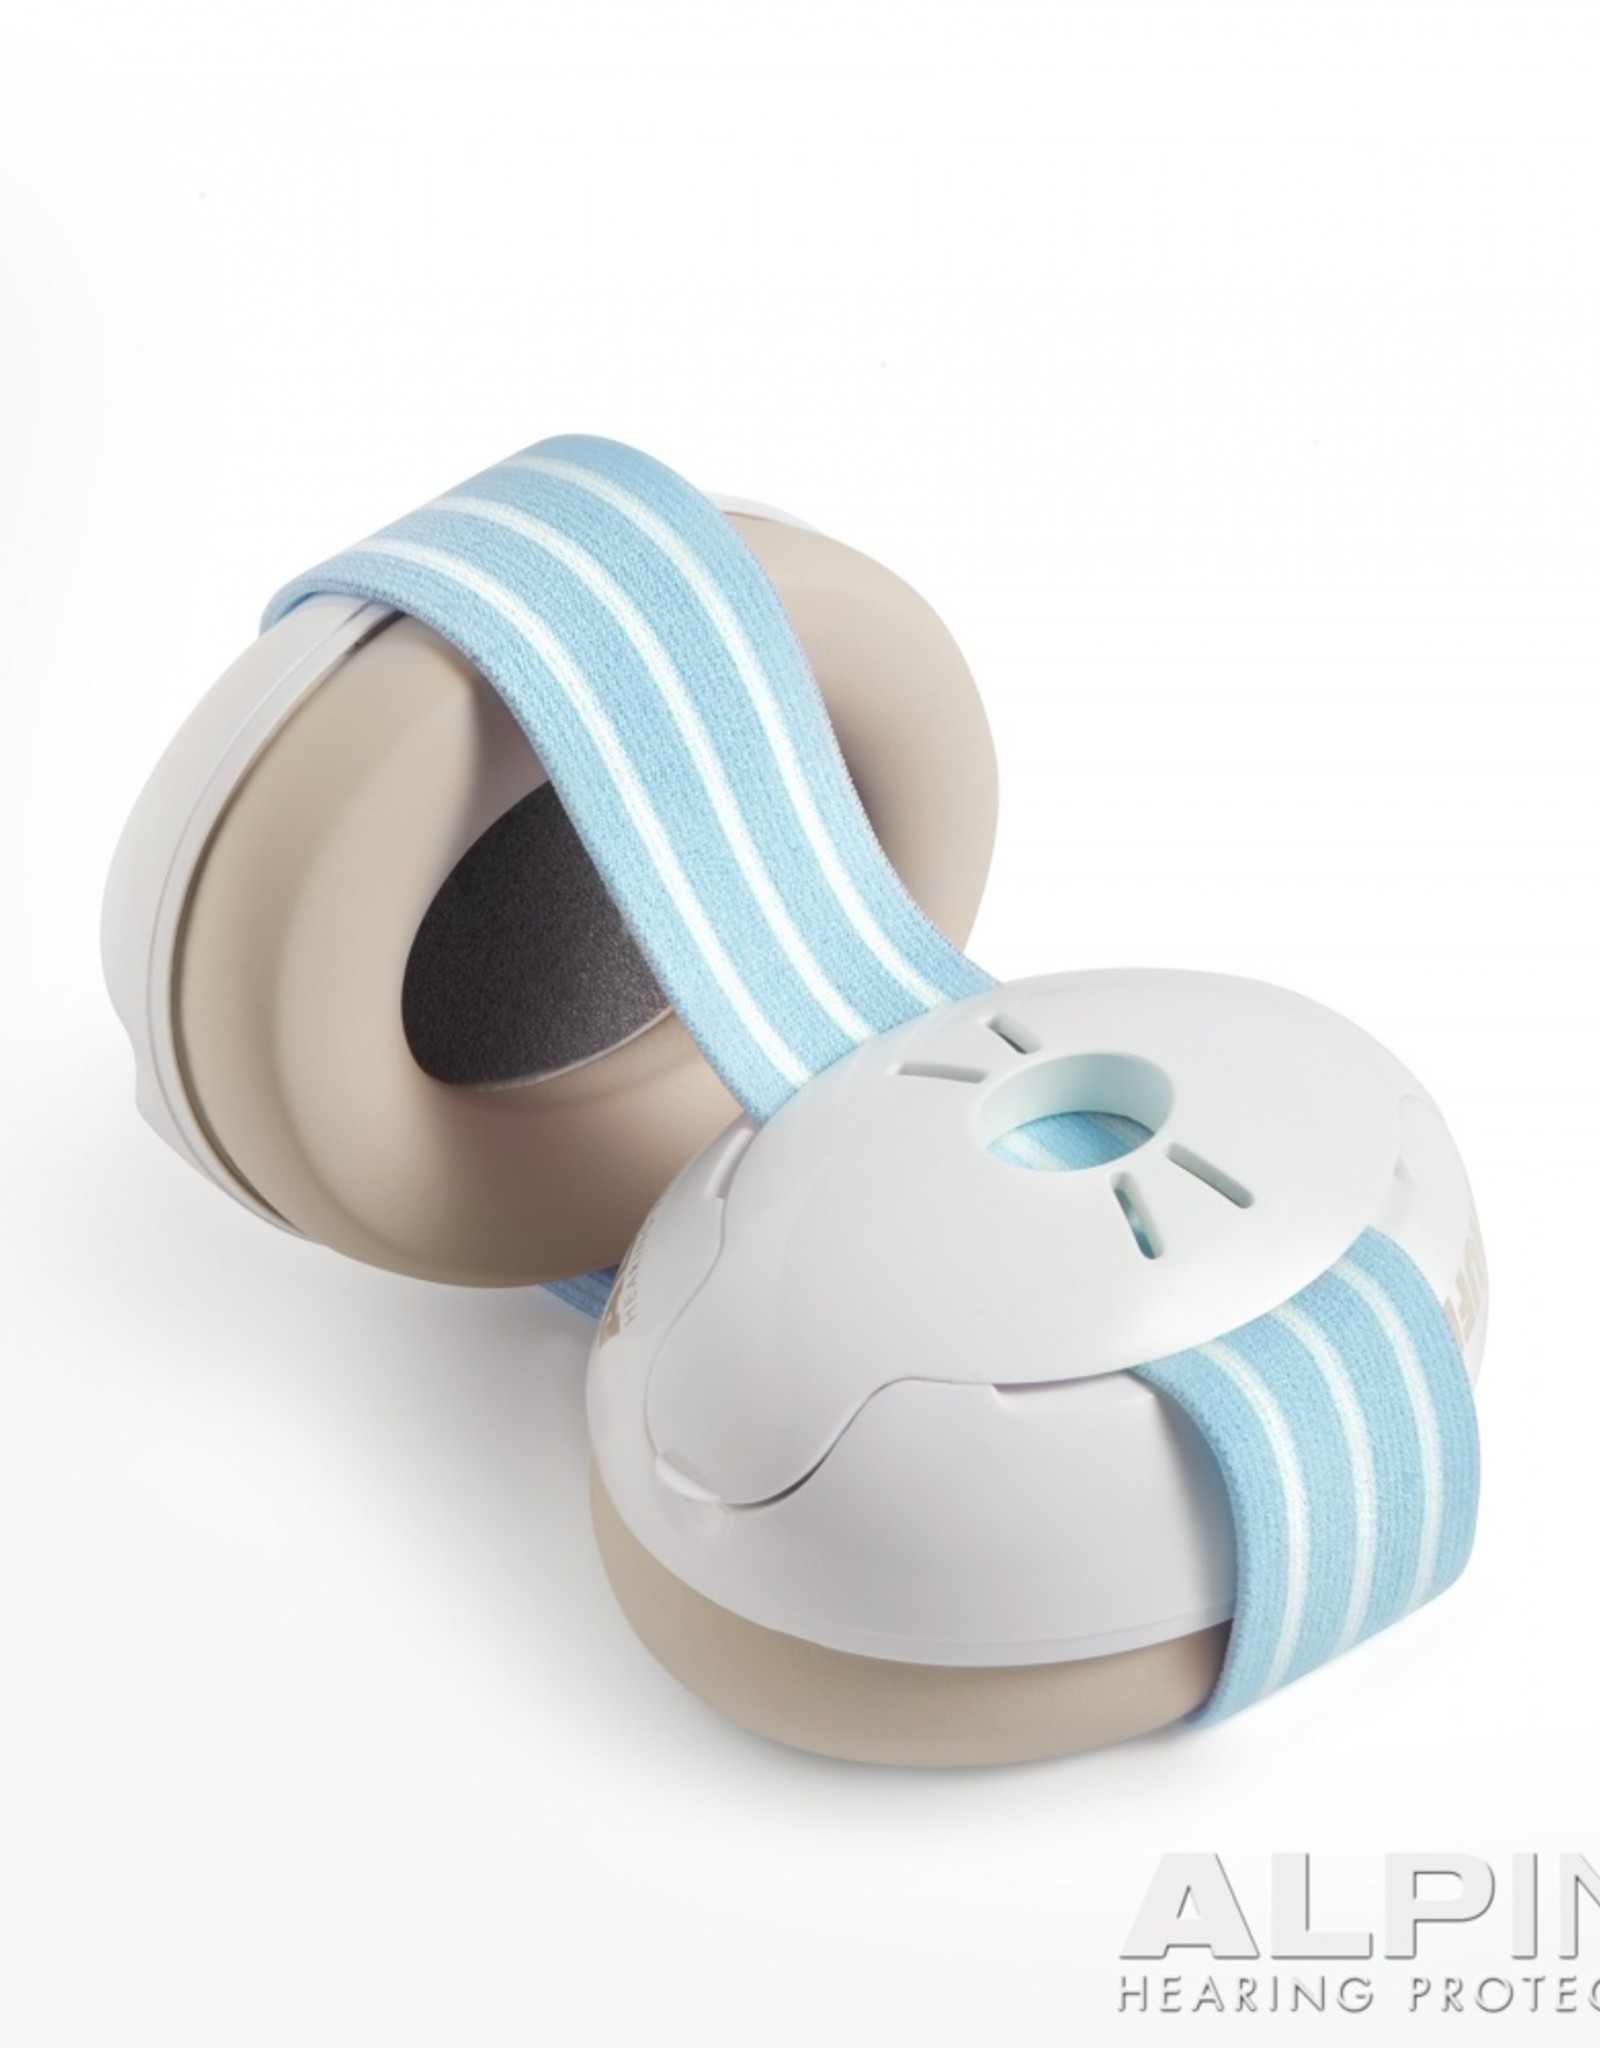 Alpine Muffy Baby oorkappen